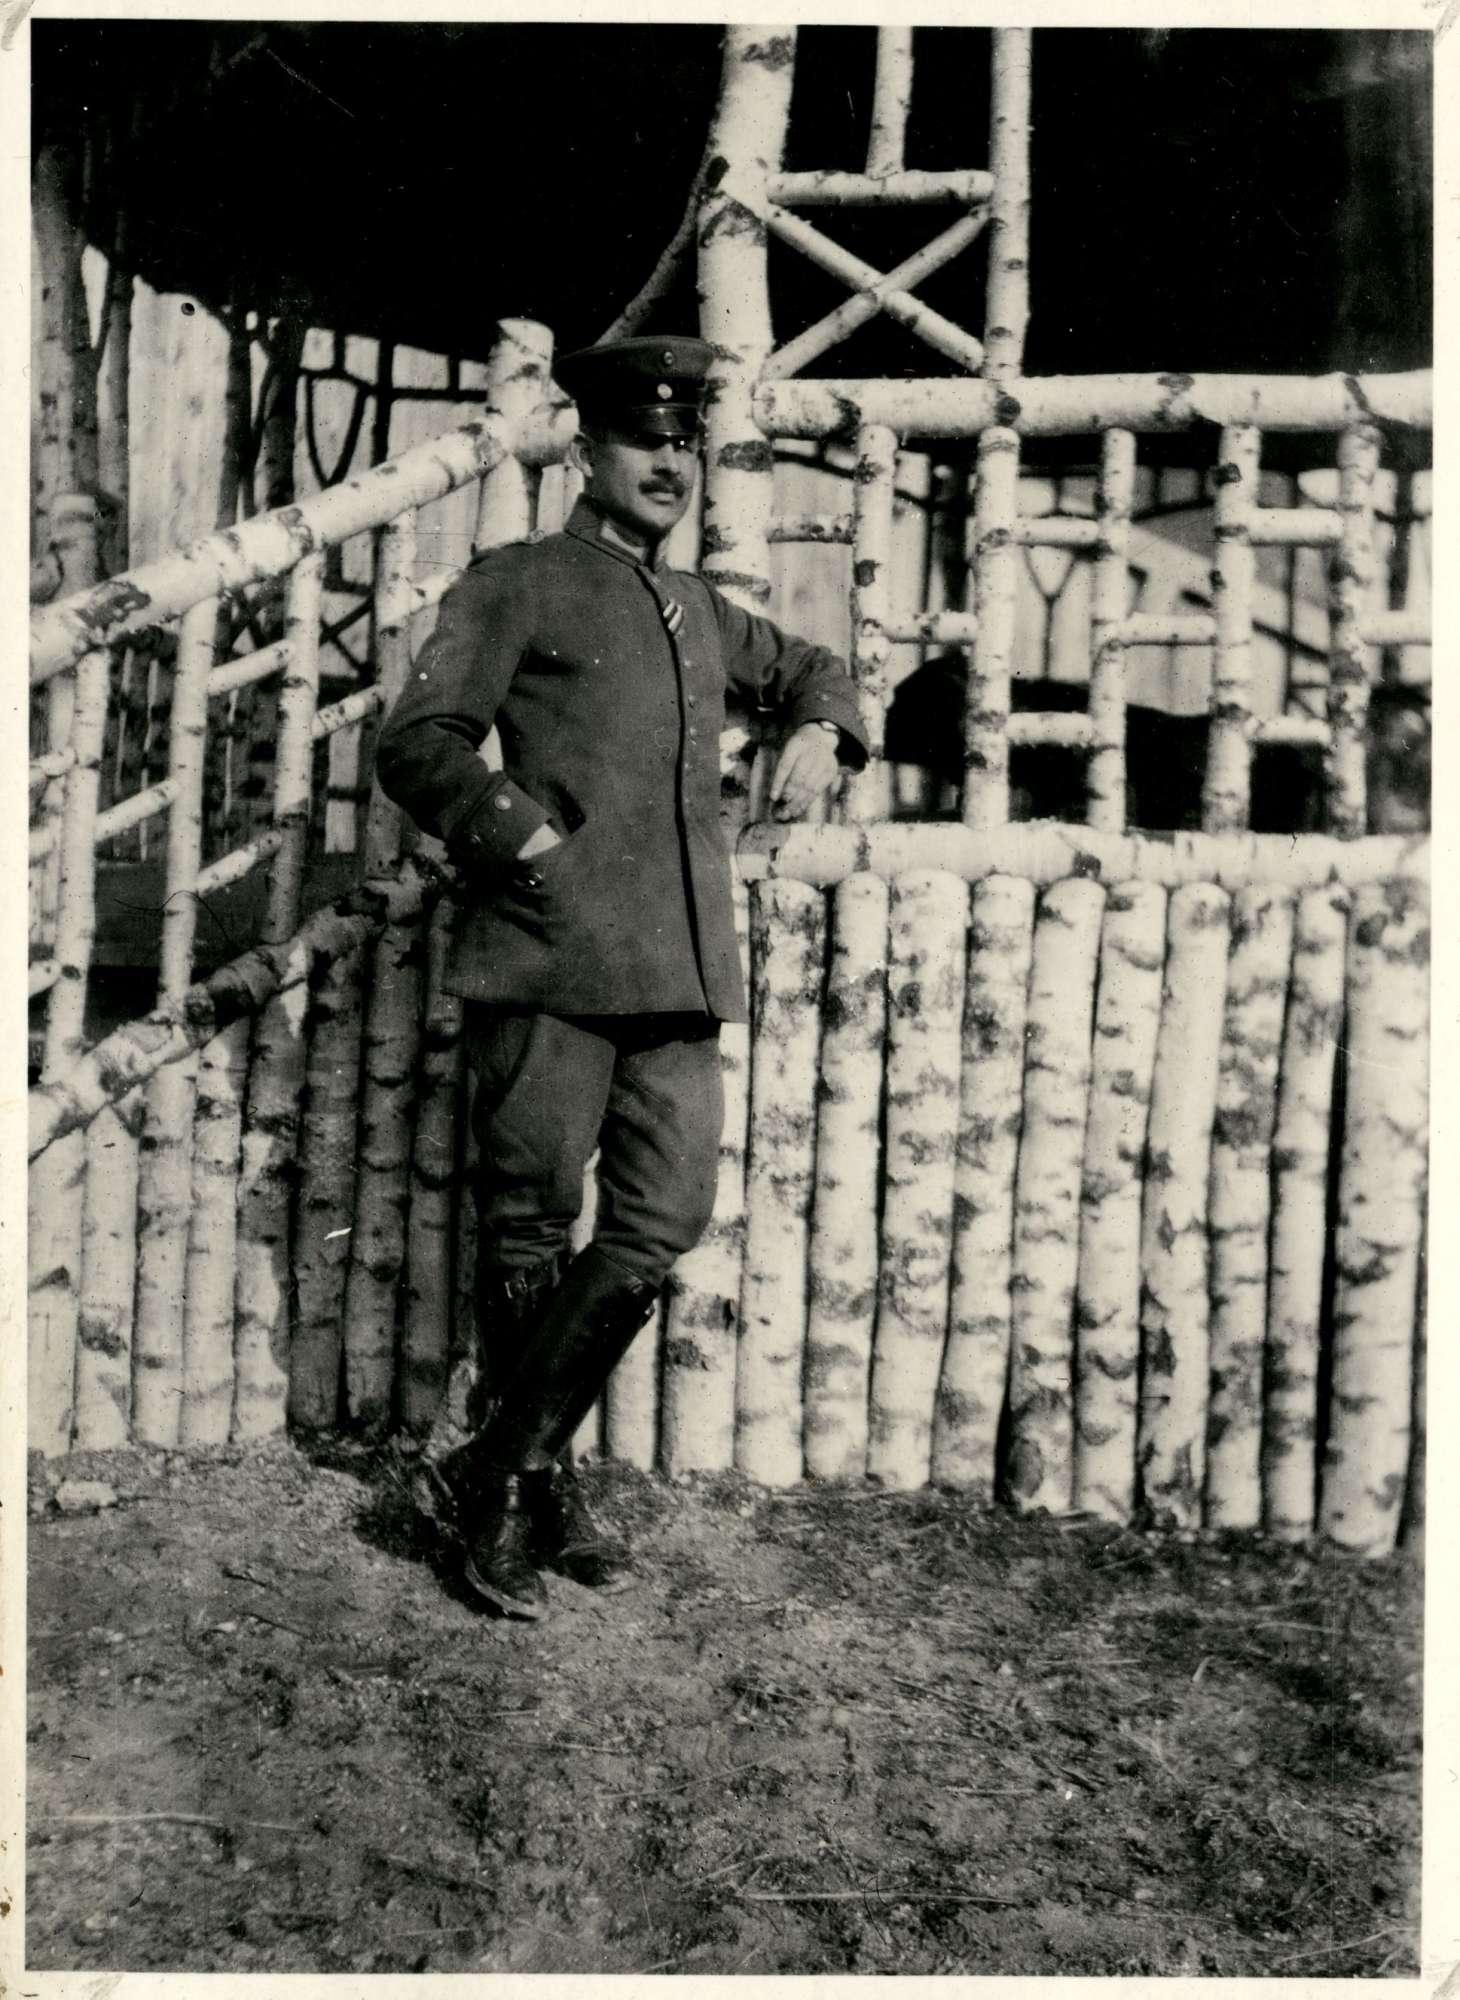 Schopf, Karl Hermann, Bild 1